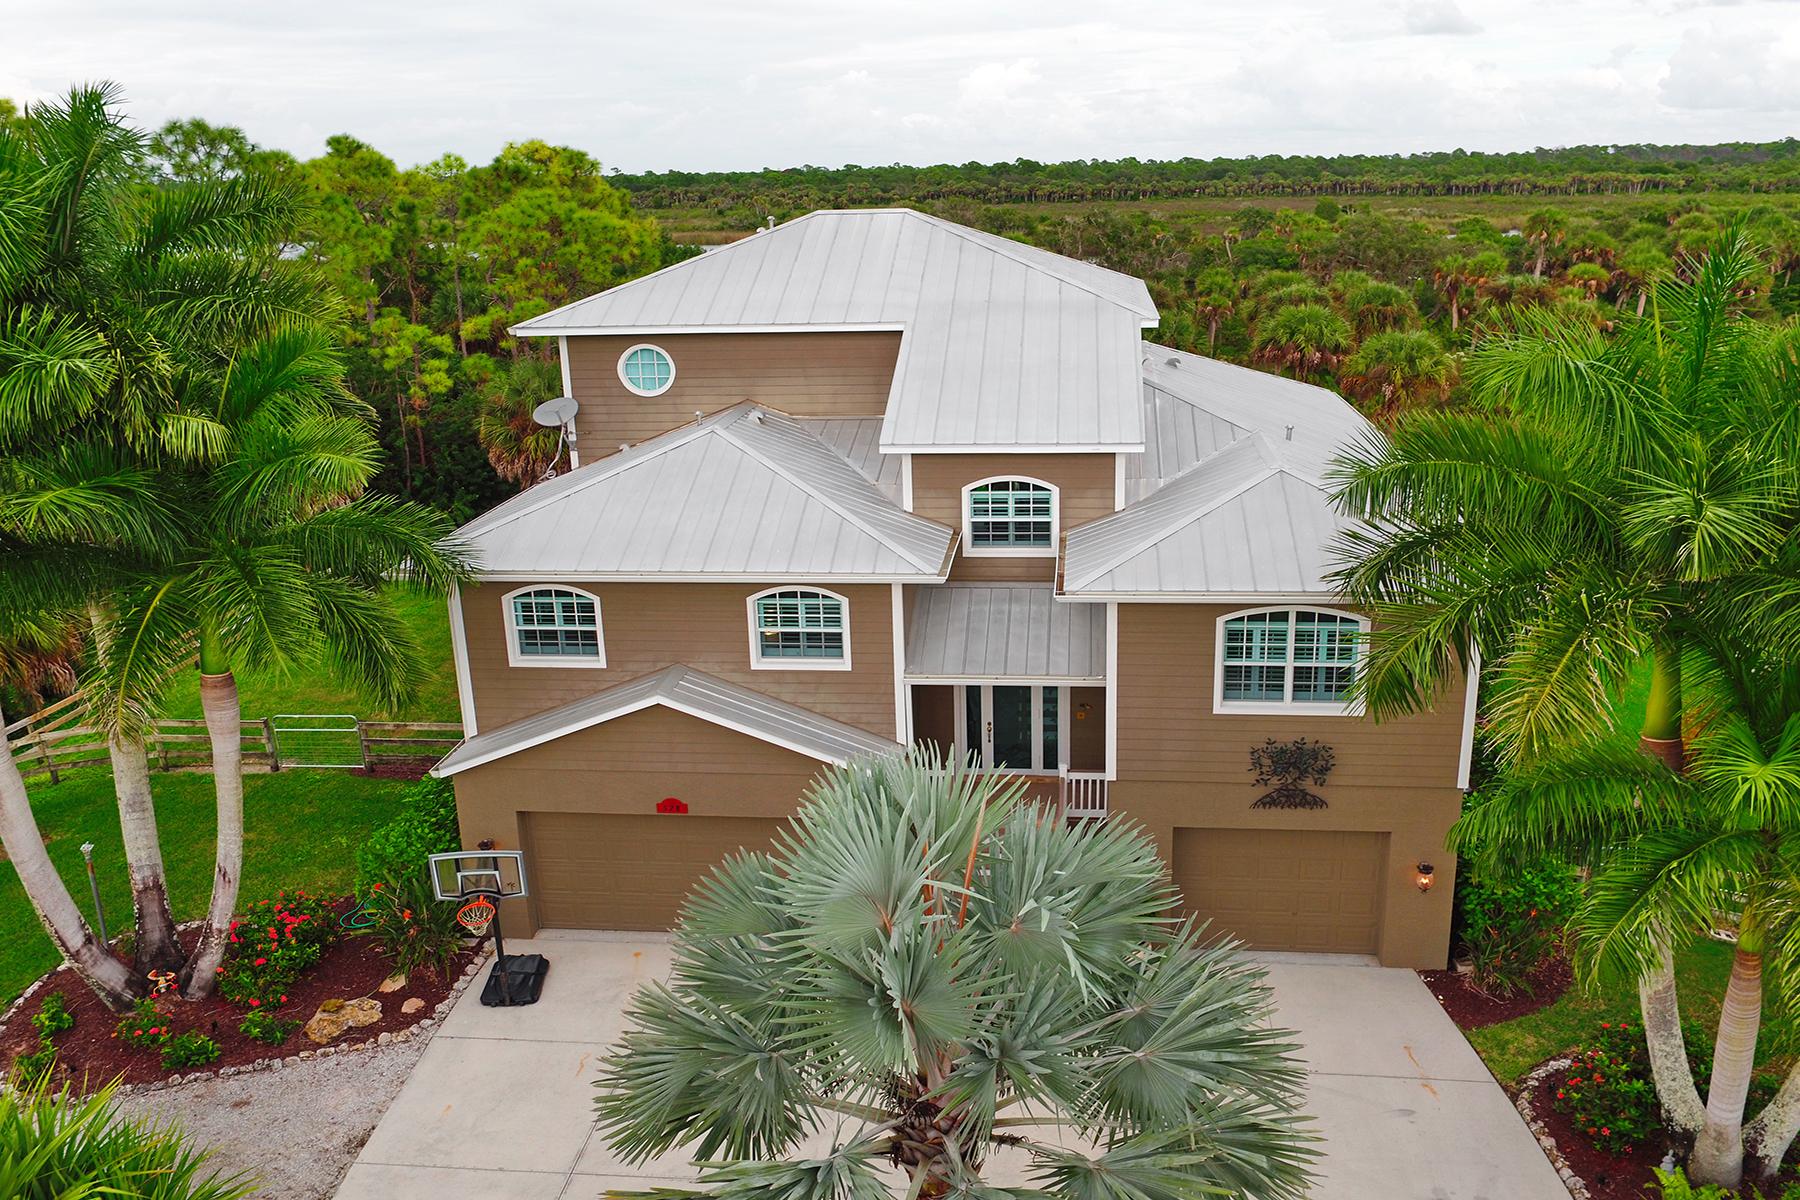 独户住宅 为 销售 在 MYAKKA RIVER TRAILS 528 N River Rd Venice, 佛罗里达州 34293 美国